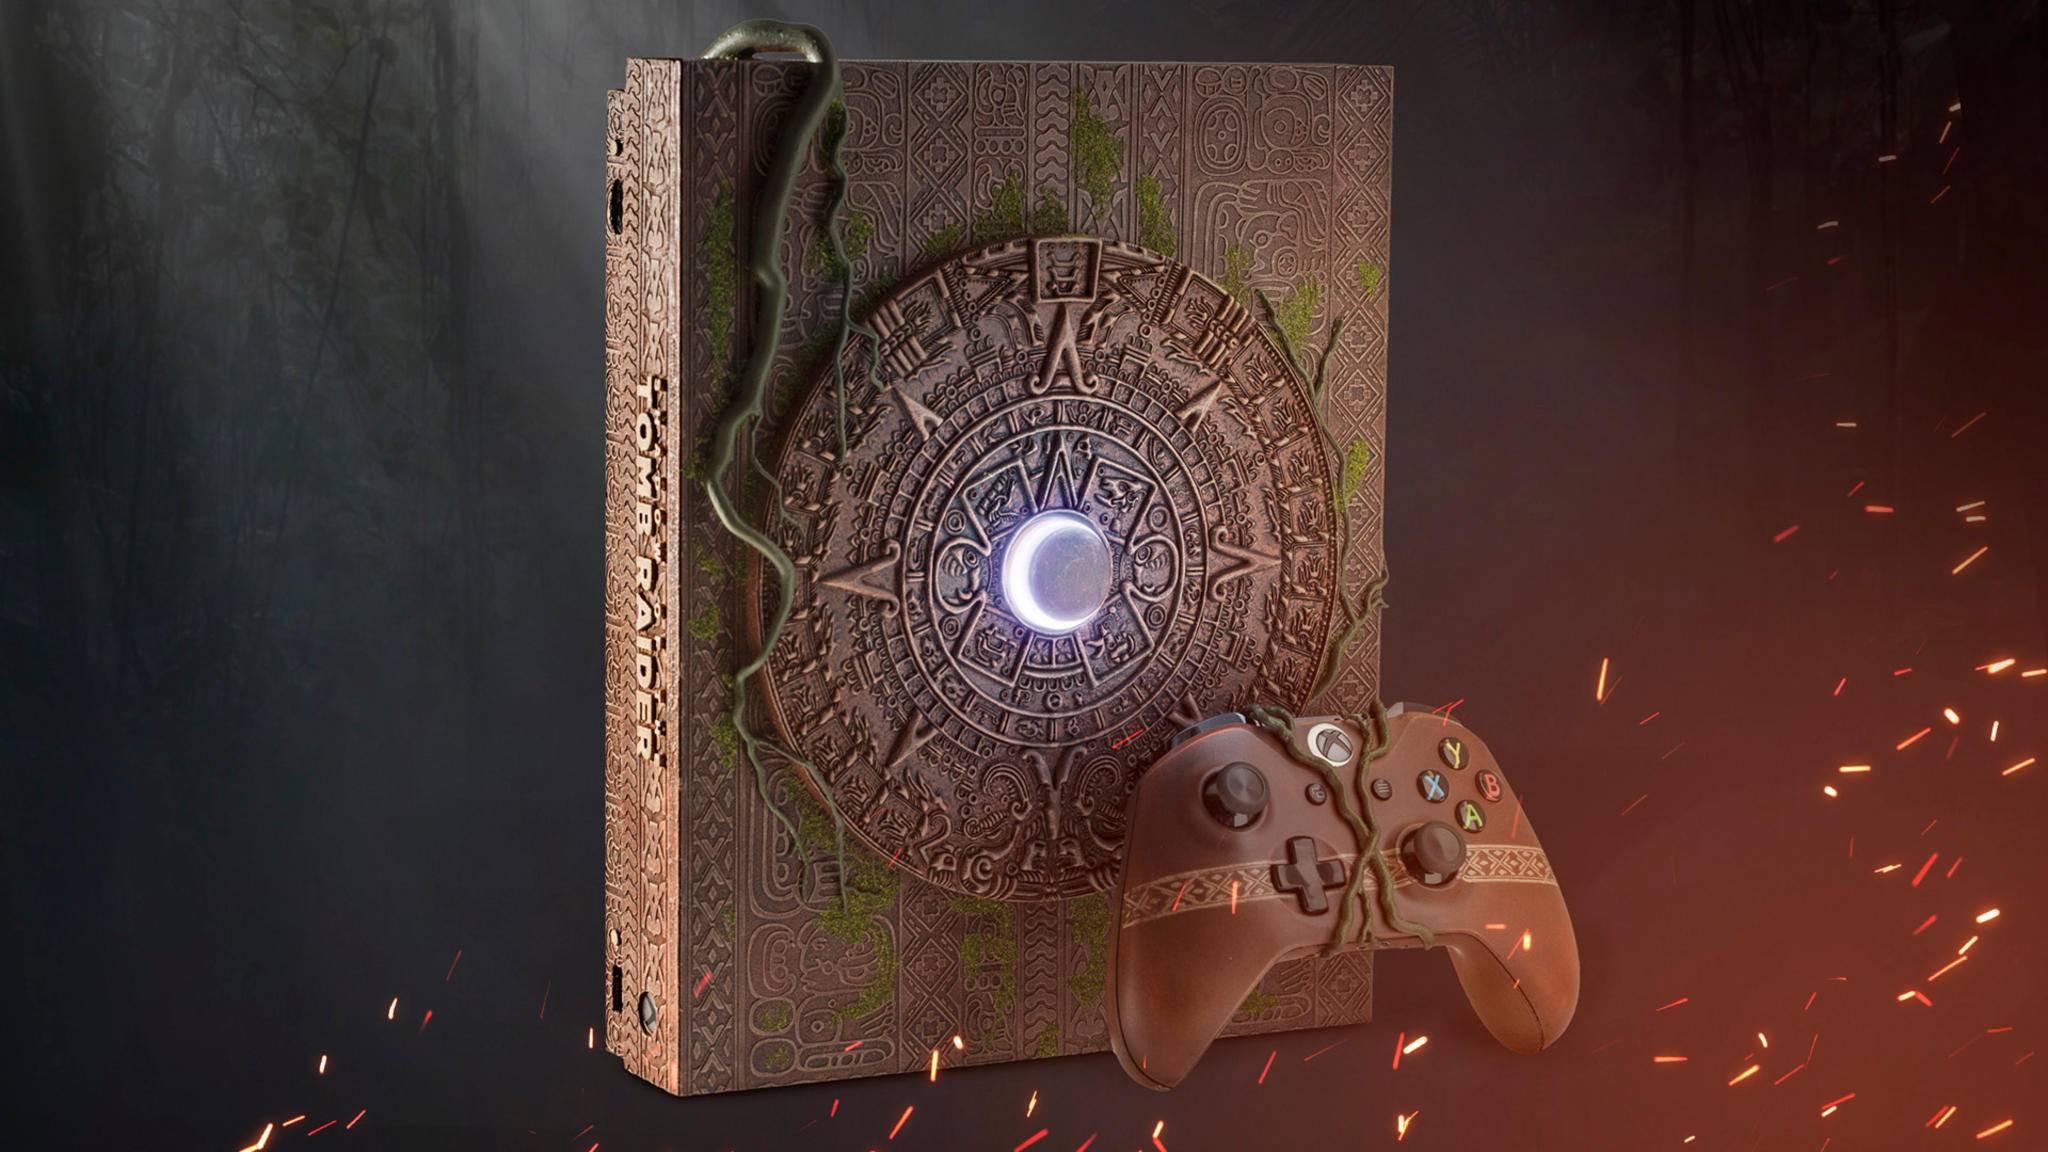 Löst vermutlich eher nicht die Apokalypse aus, macht sich aber gut unterm Fernseher: die exklusive Xbox One X im Maya-Design.